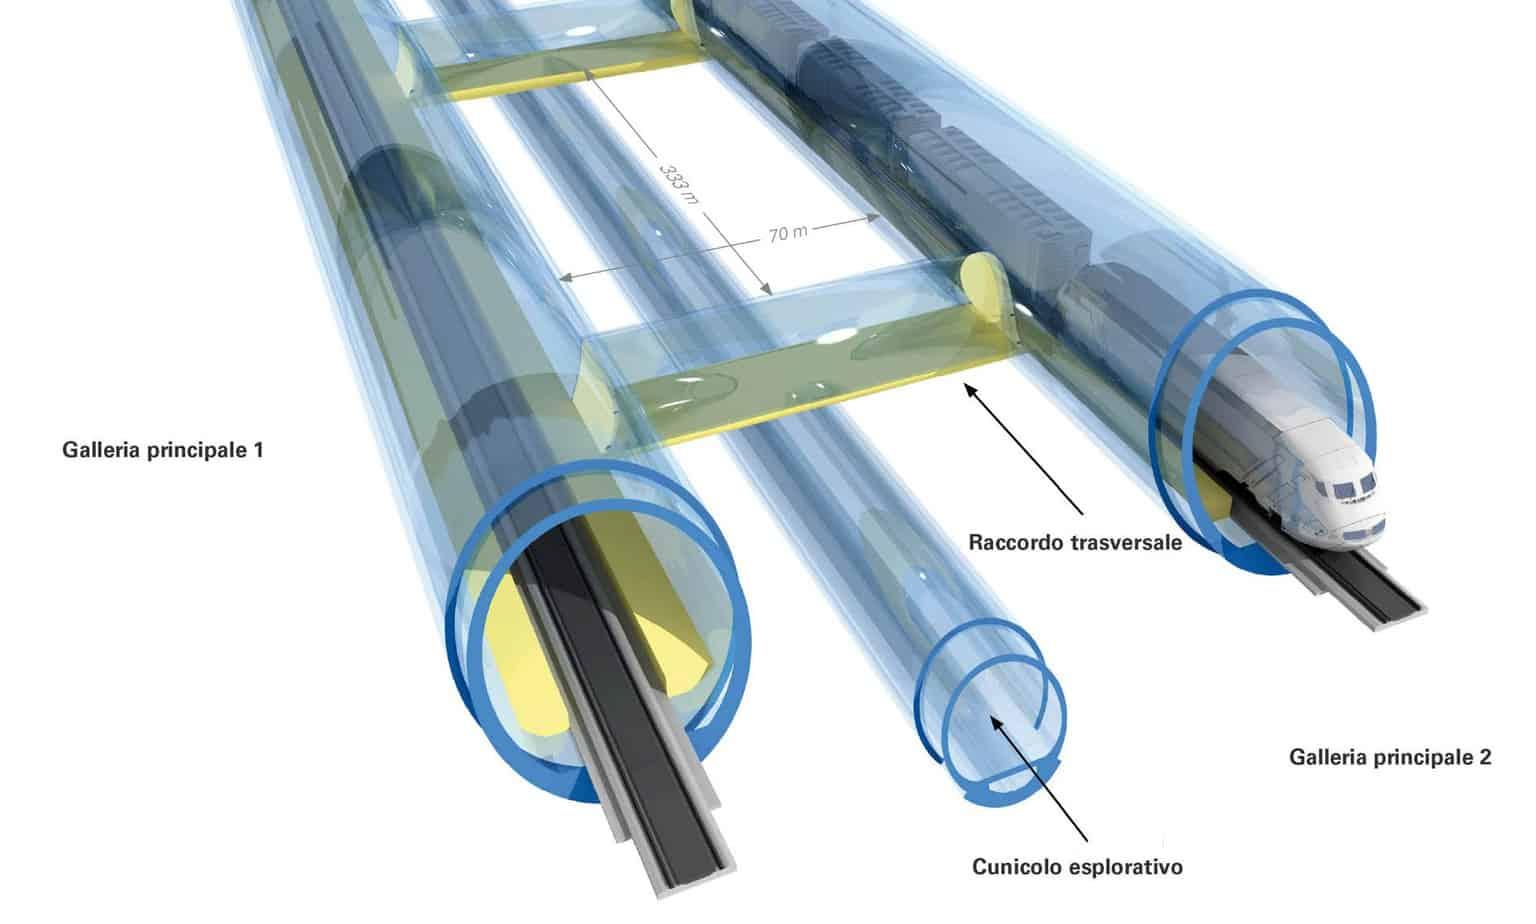 Lo schema sintetico delle gallerie del traforo di Base del Brennero